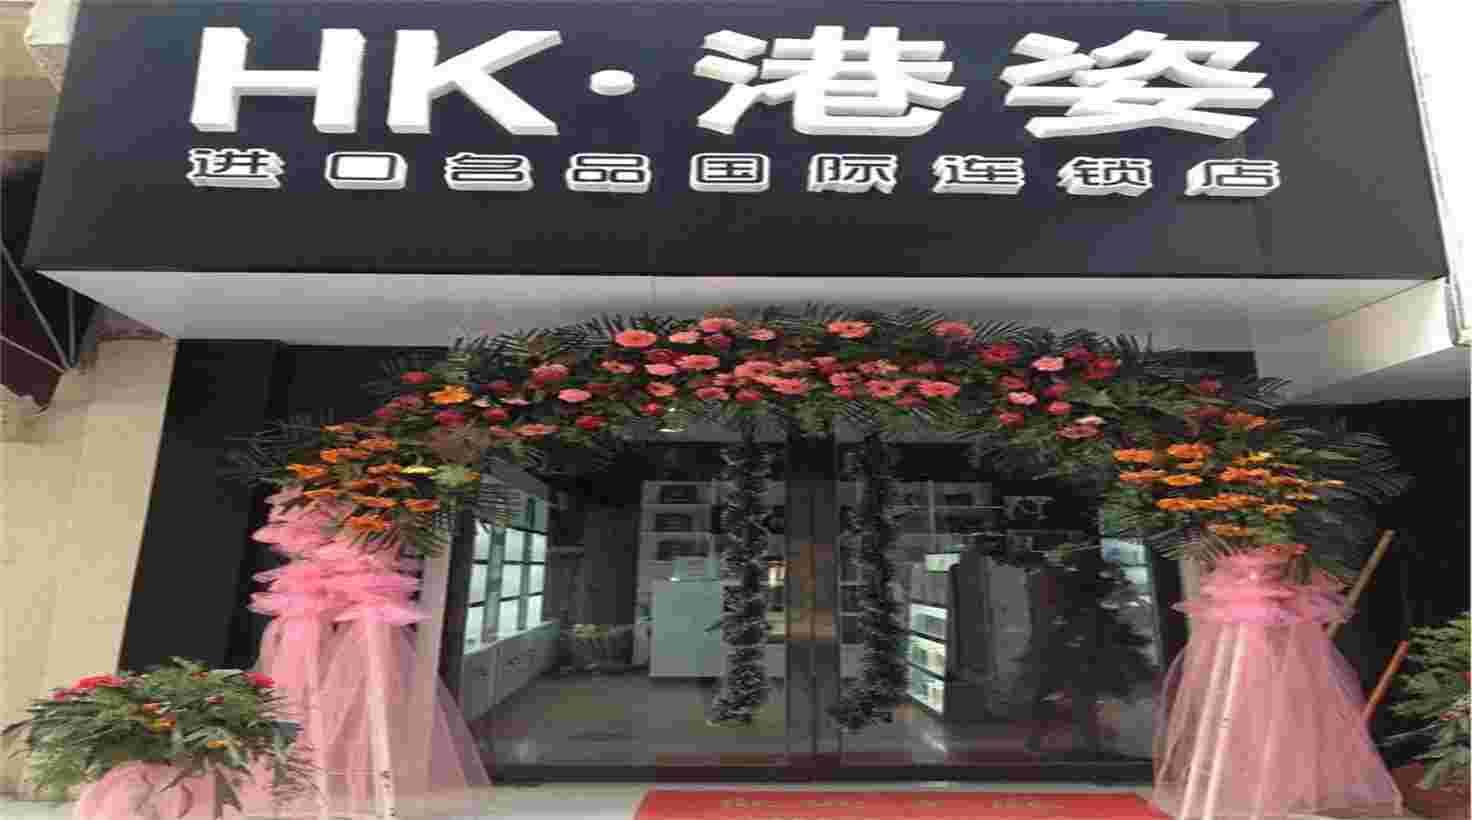 HK·港姿专卖店